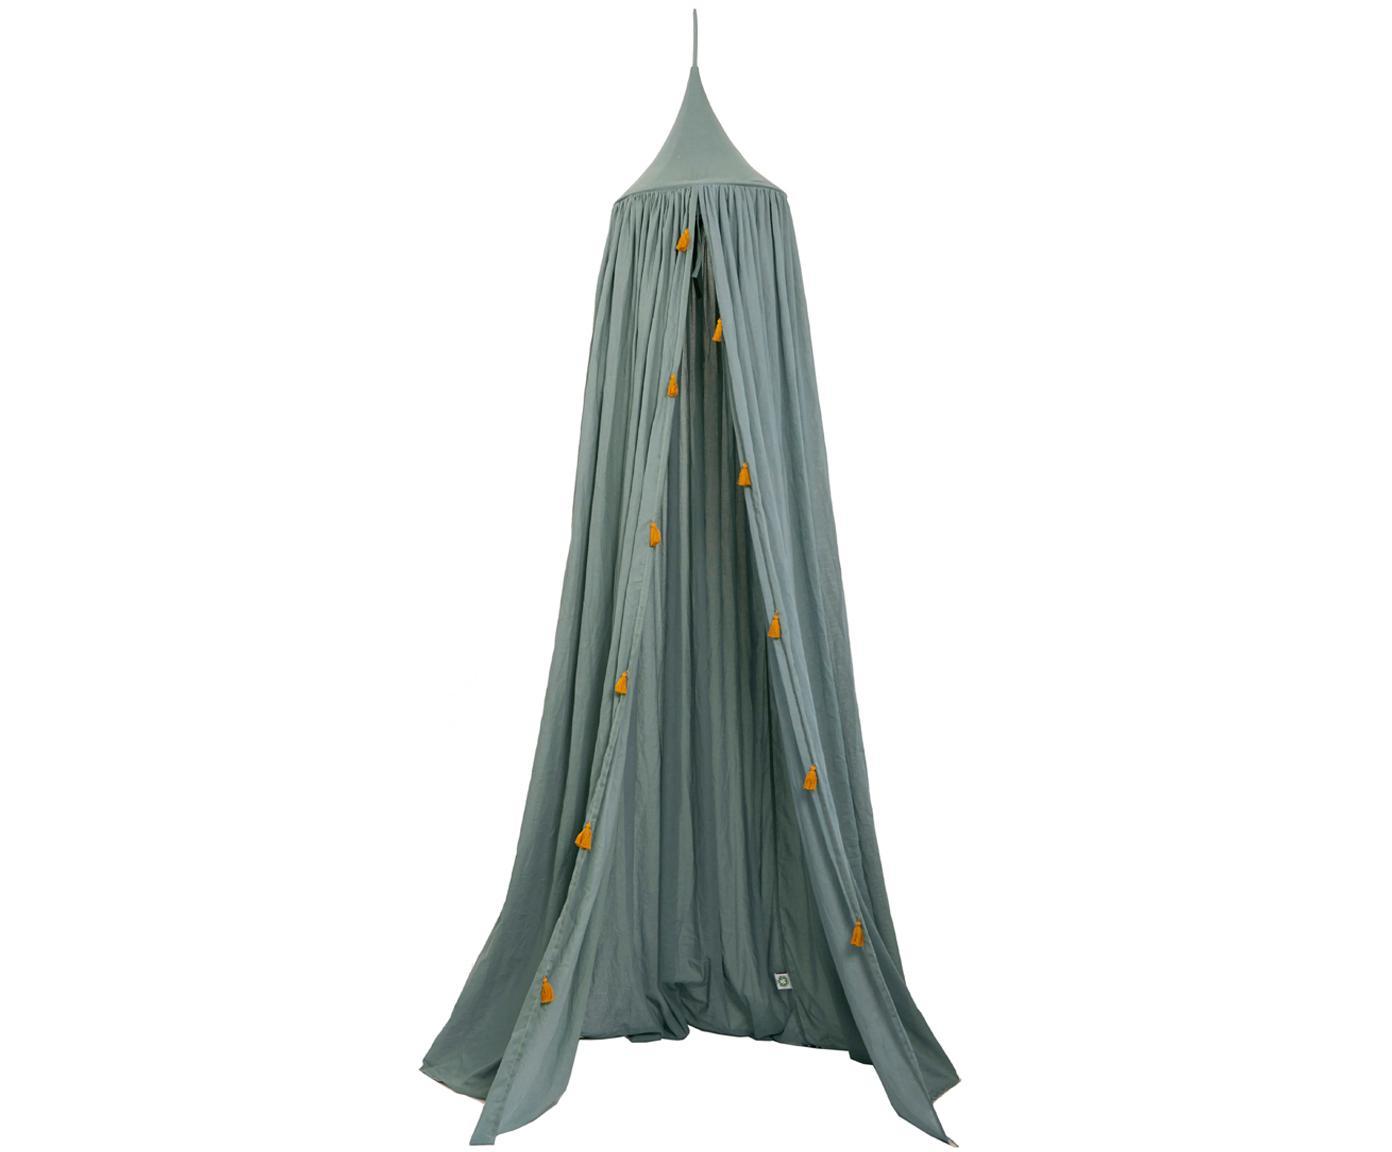 Betthimmel Canopy aus Bio-Baumwolle, Bio-Baumwolle, GOTS-zertifiziert, Graugrün, Goldfarben, Ø 40 x H 200 cm